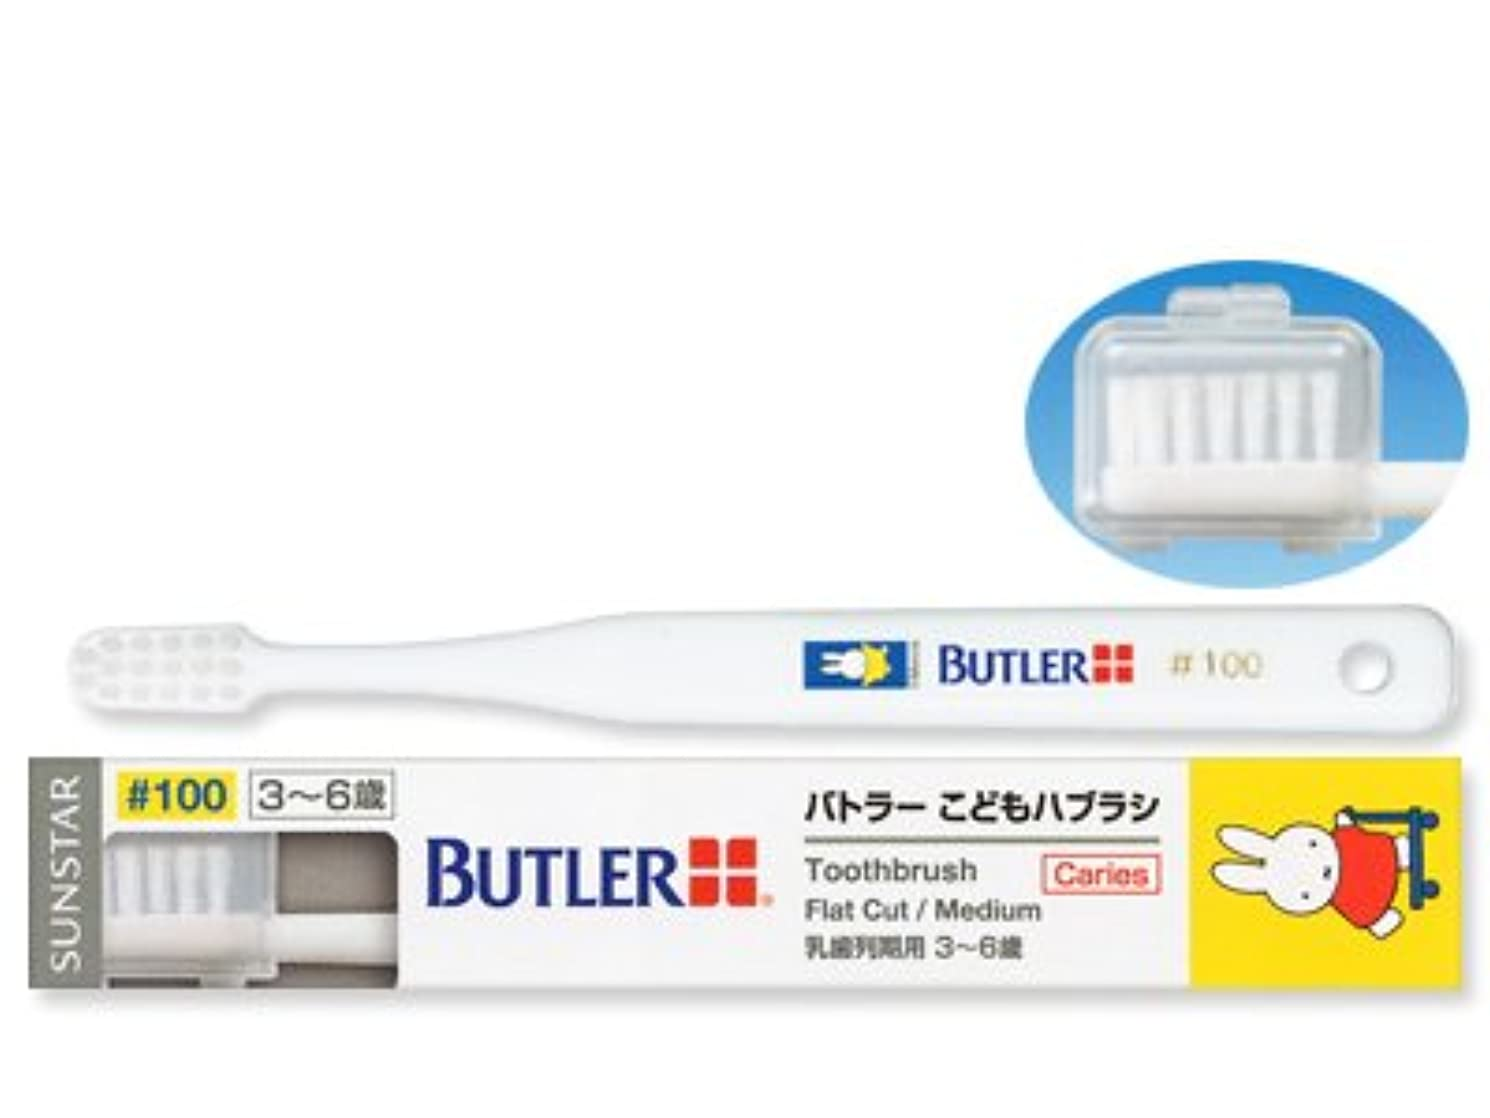 宿命うなる幸運なことに【歯科医院取扱品】バトラー 子供歯ブラシ #100 歯ブラシキャップ付 (乳歯列期用/ふつう) (3-6歳) 12本入